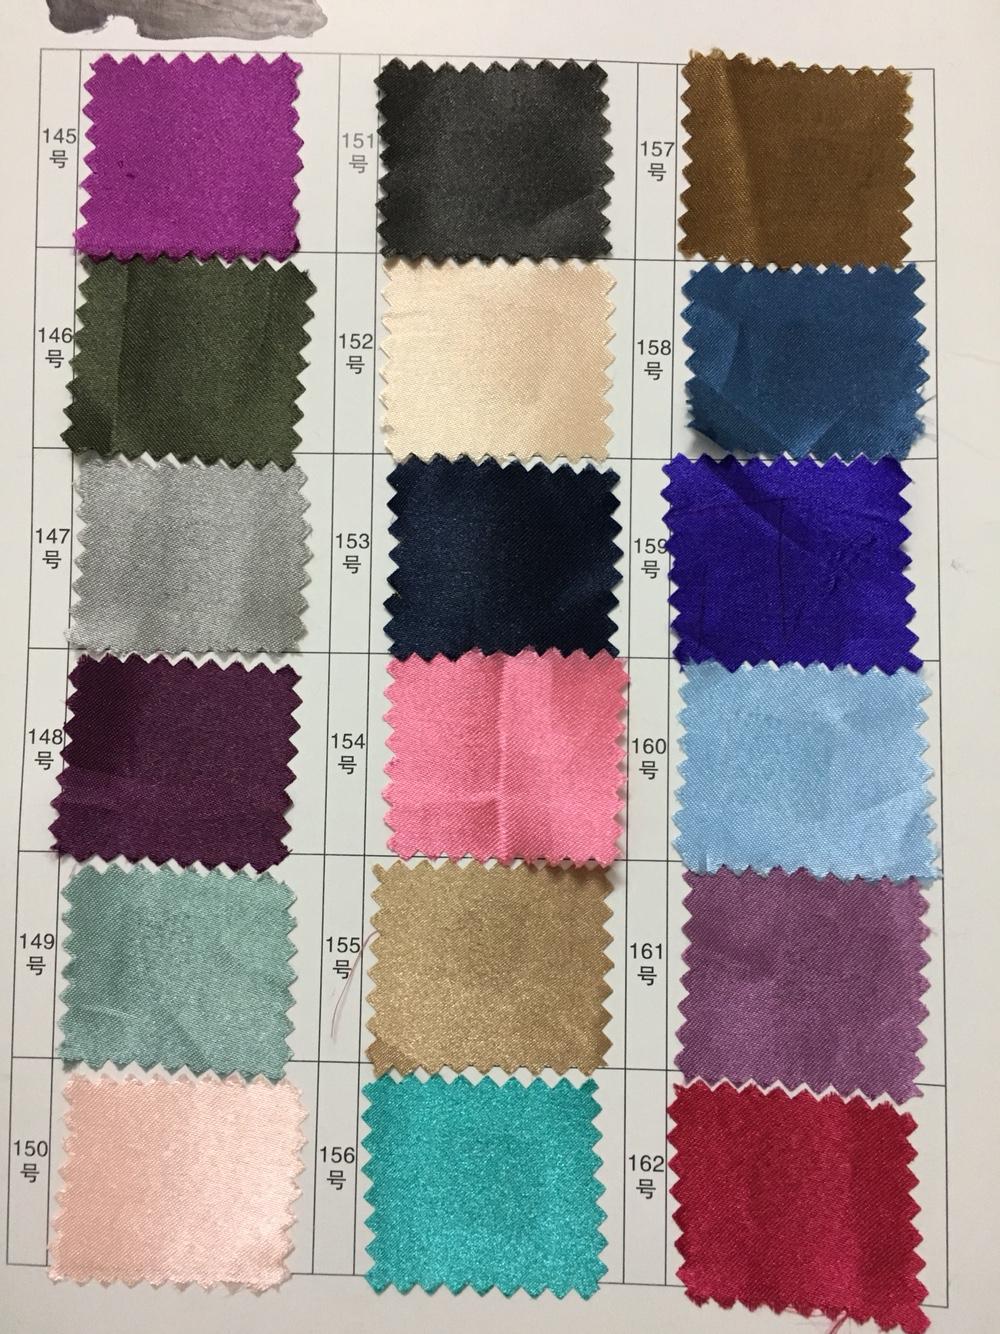 布料 其它 多色 化纤 染色 鞋面